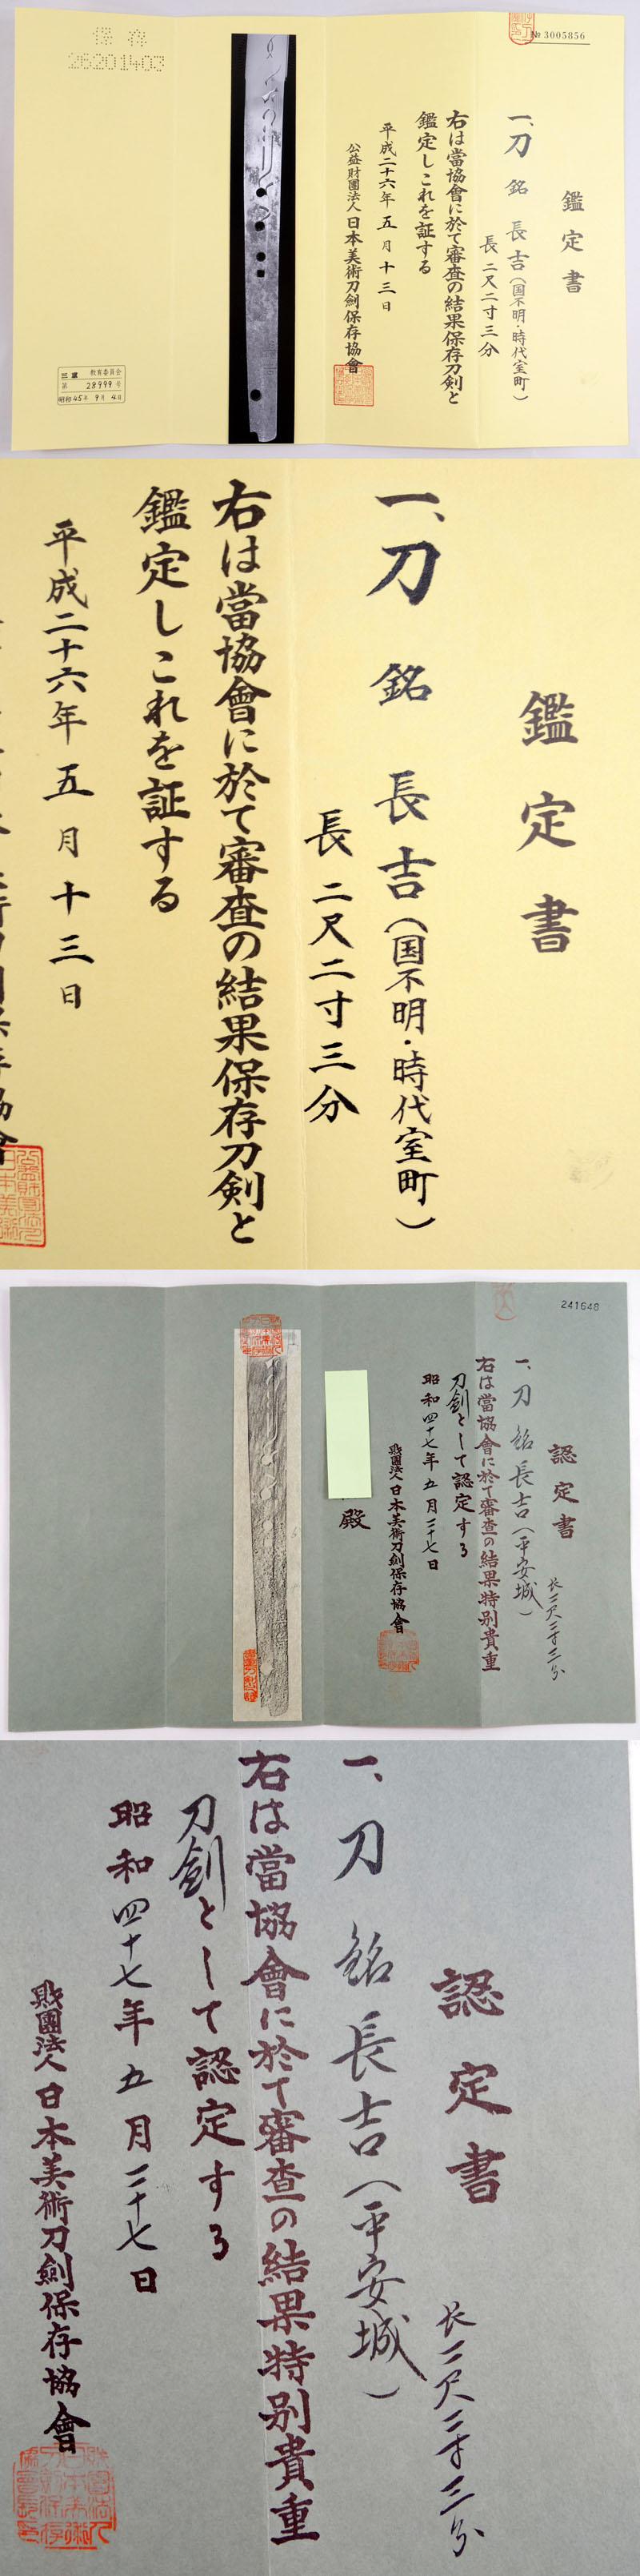 長吉(国不明・時代室町) Picture of Certificate